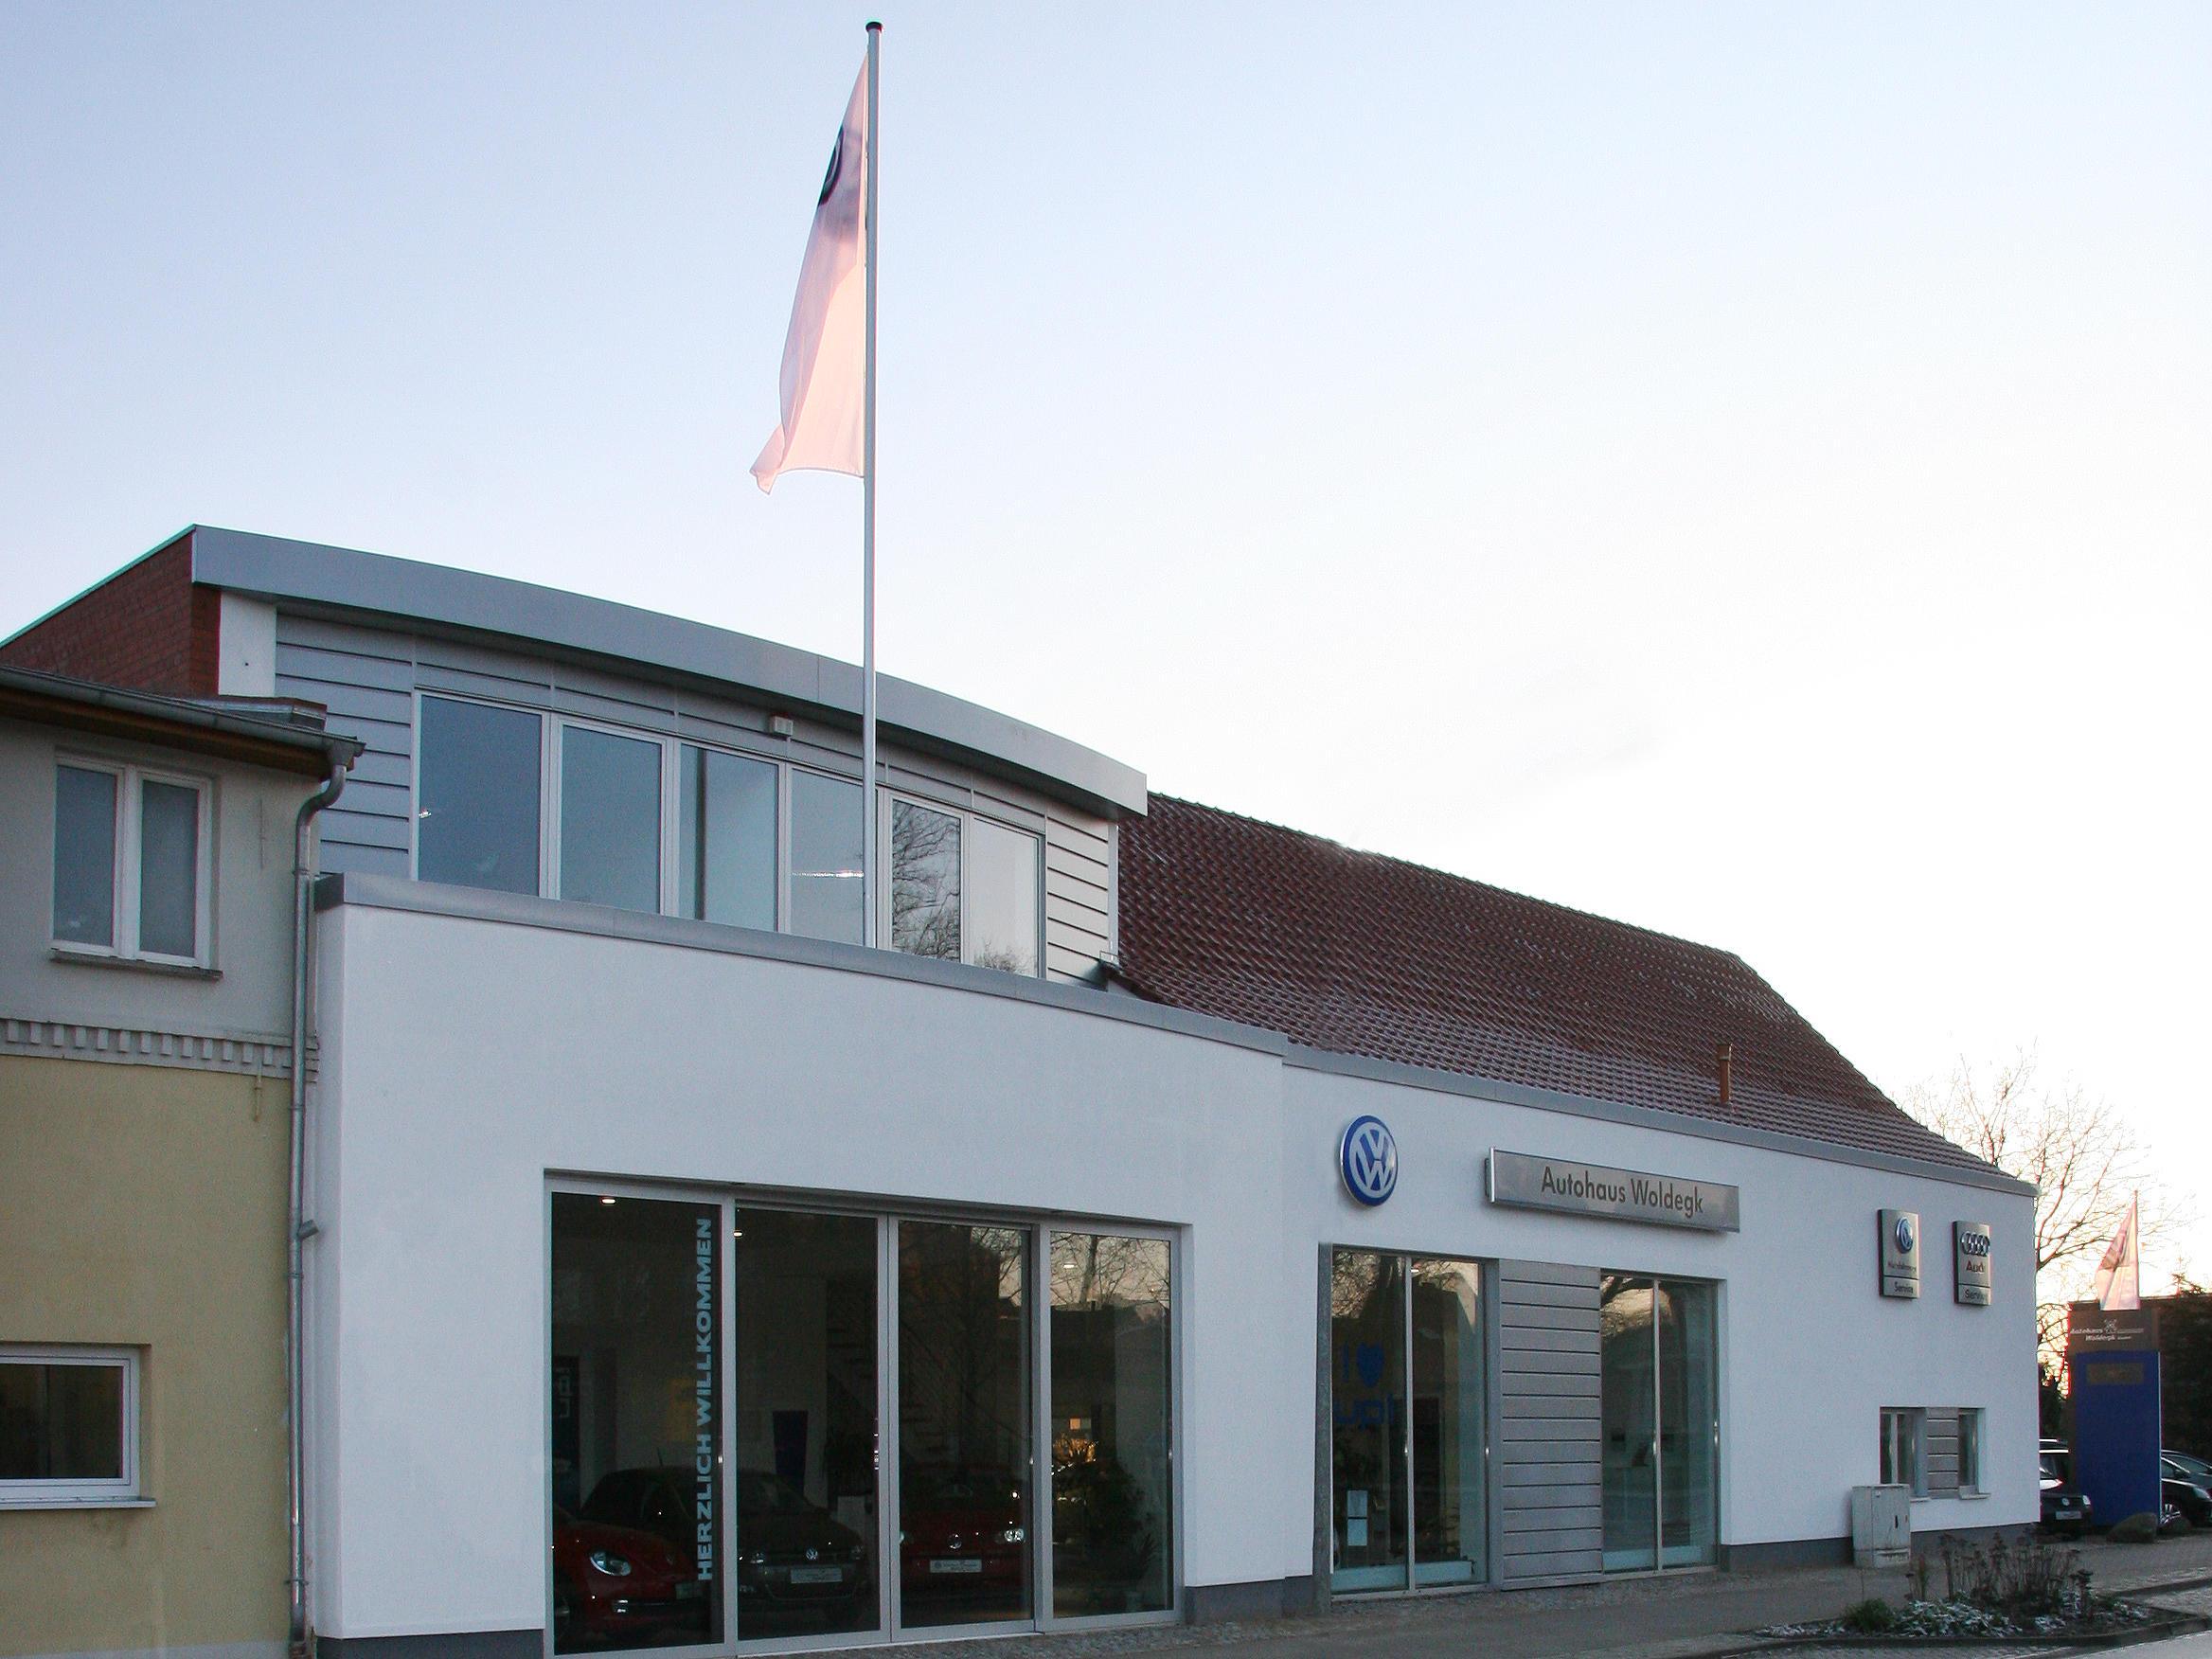 Dein Autozentrum Woldegk GmbH